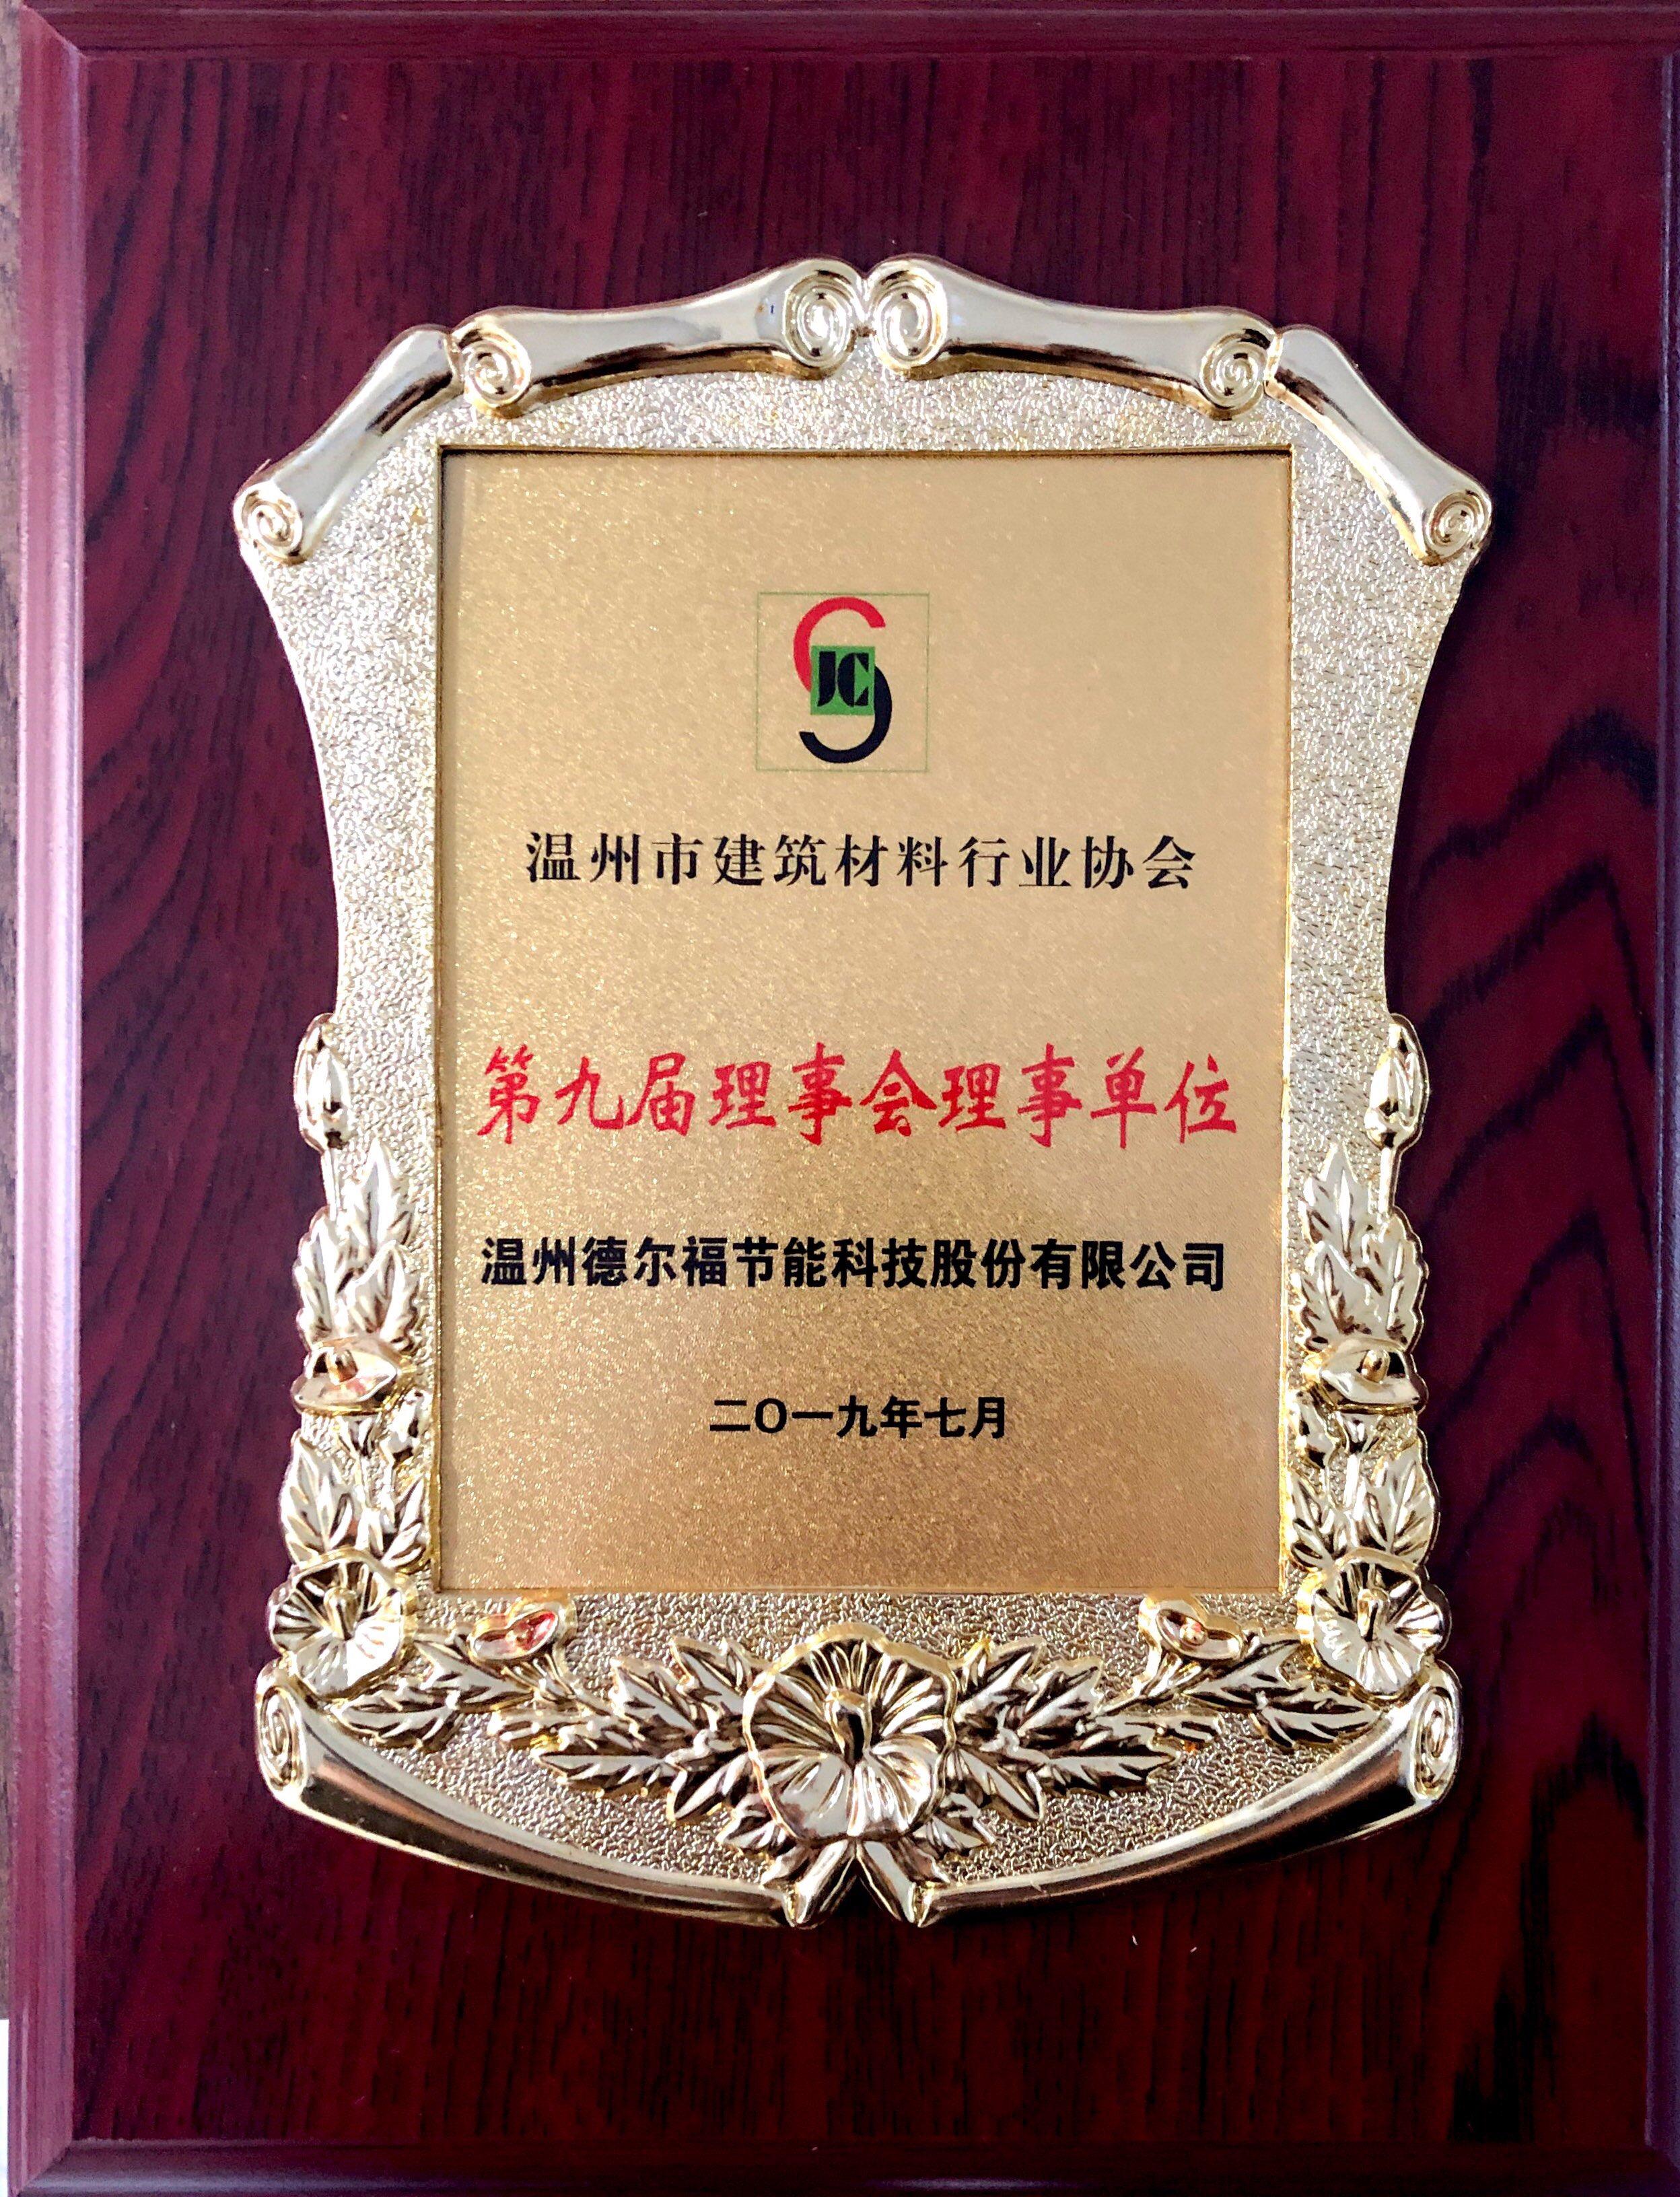 第九届理事会理事单位